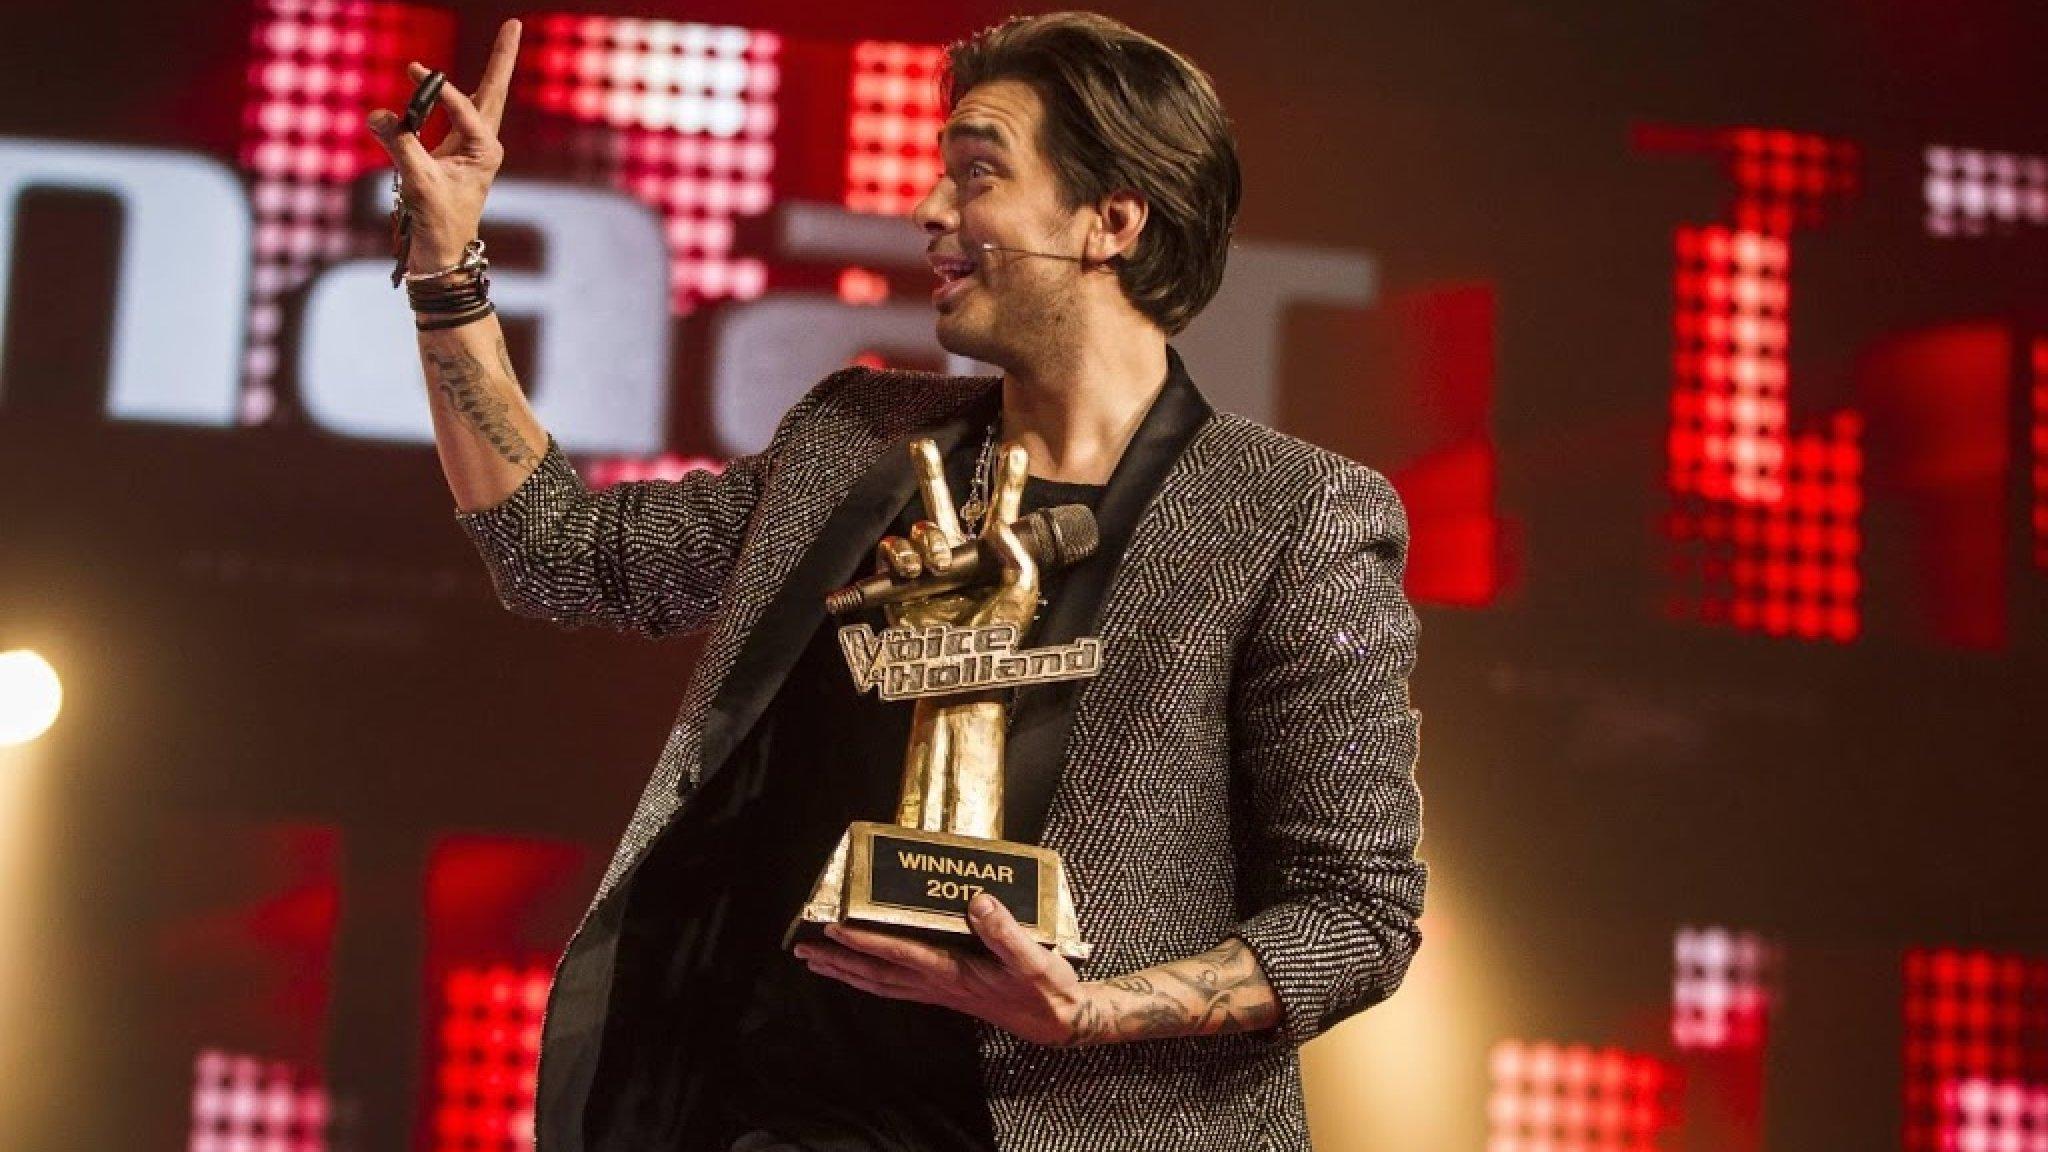 RTL staat achter keuze Waylon om TVOH-favorieten weg te sturen - RTL Boulevard